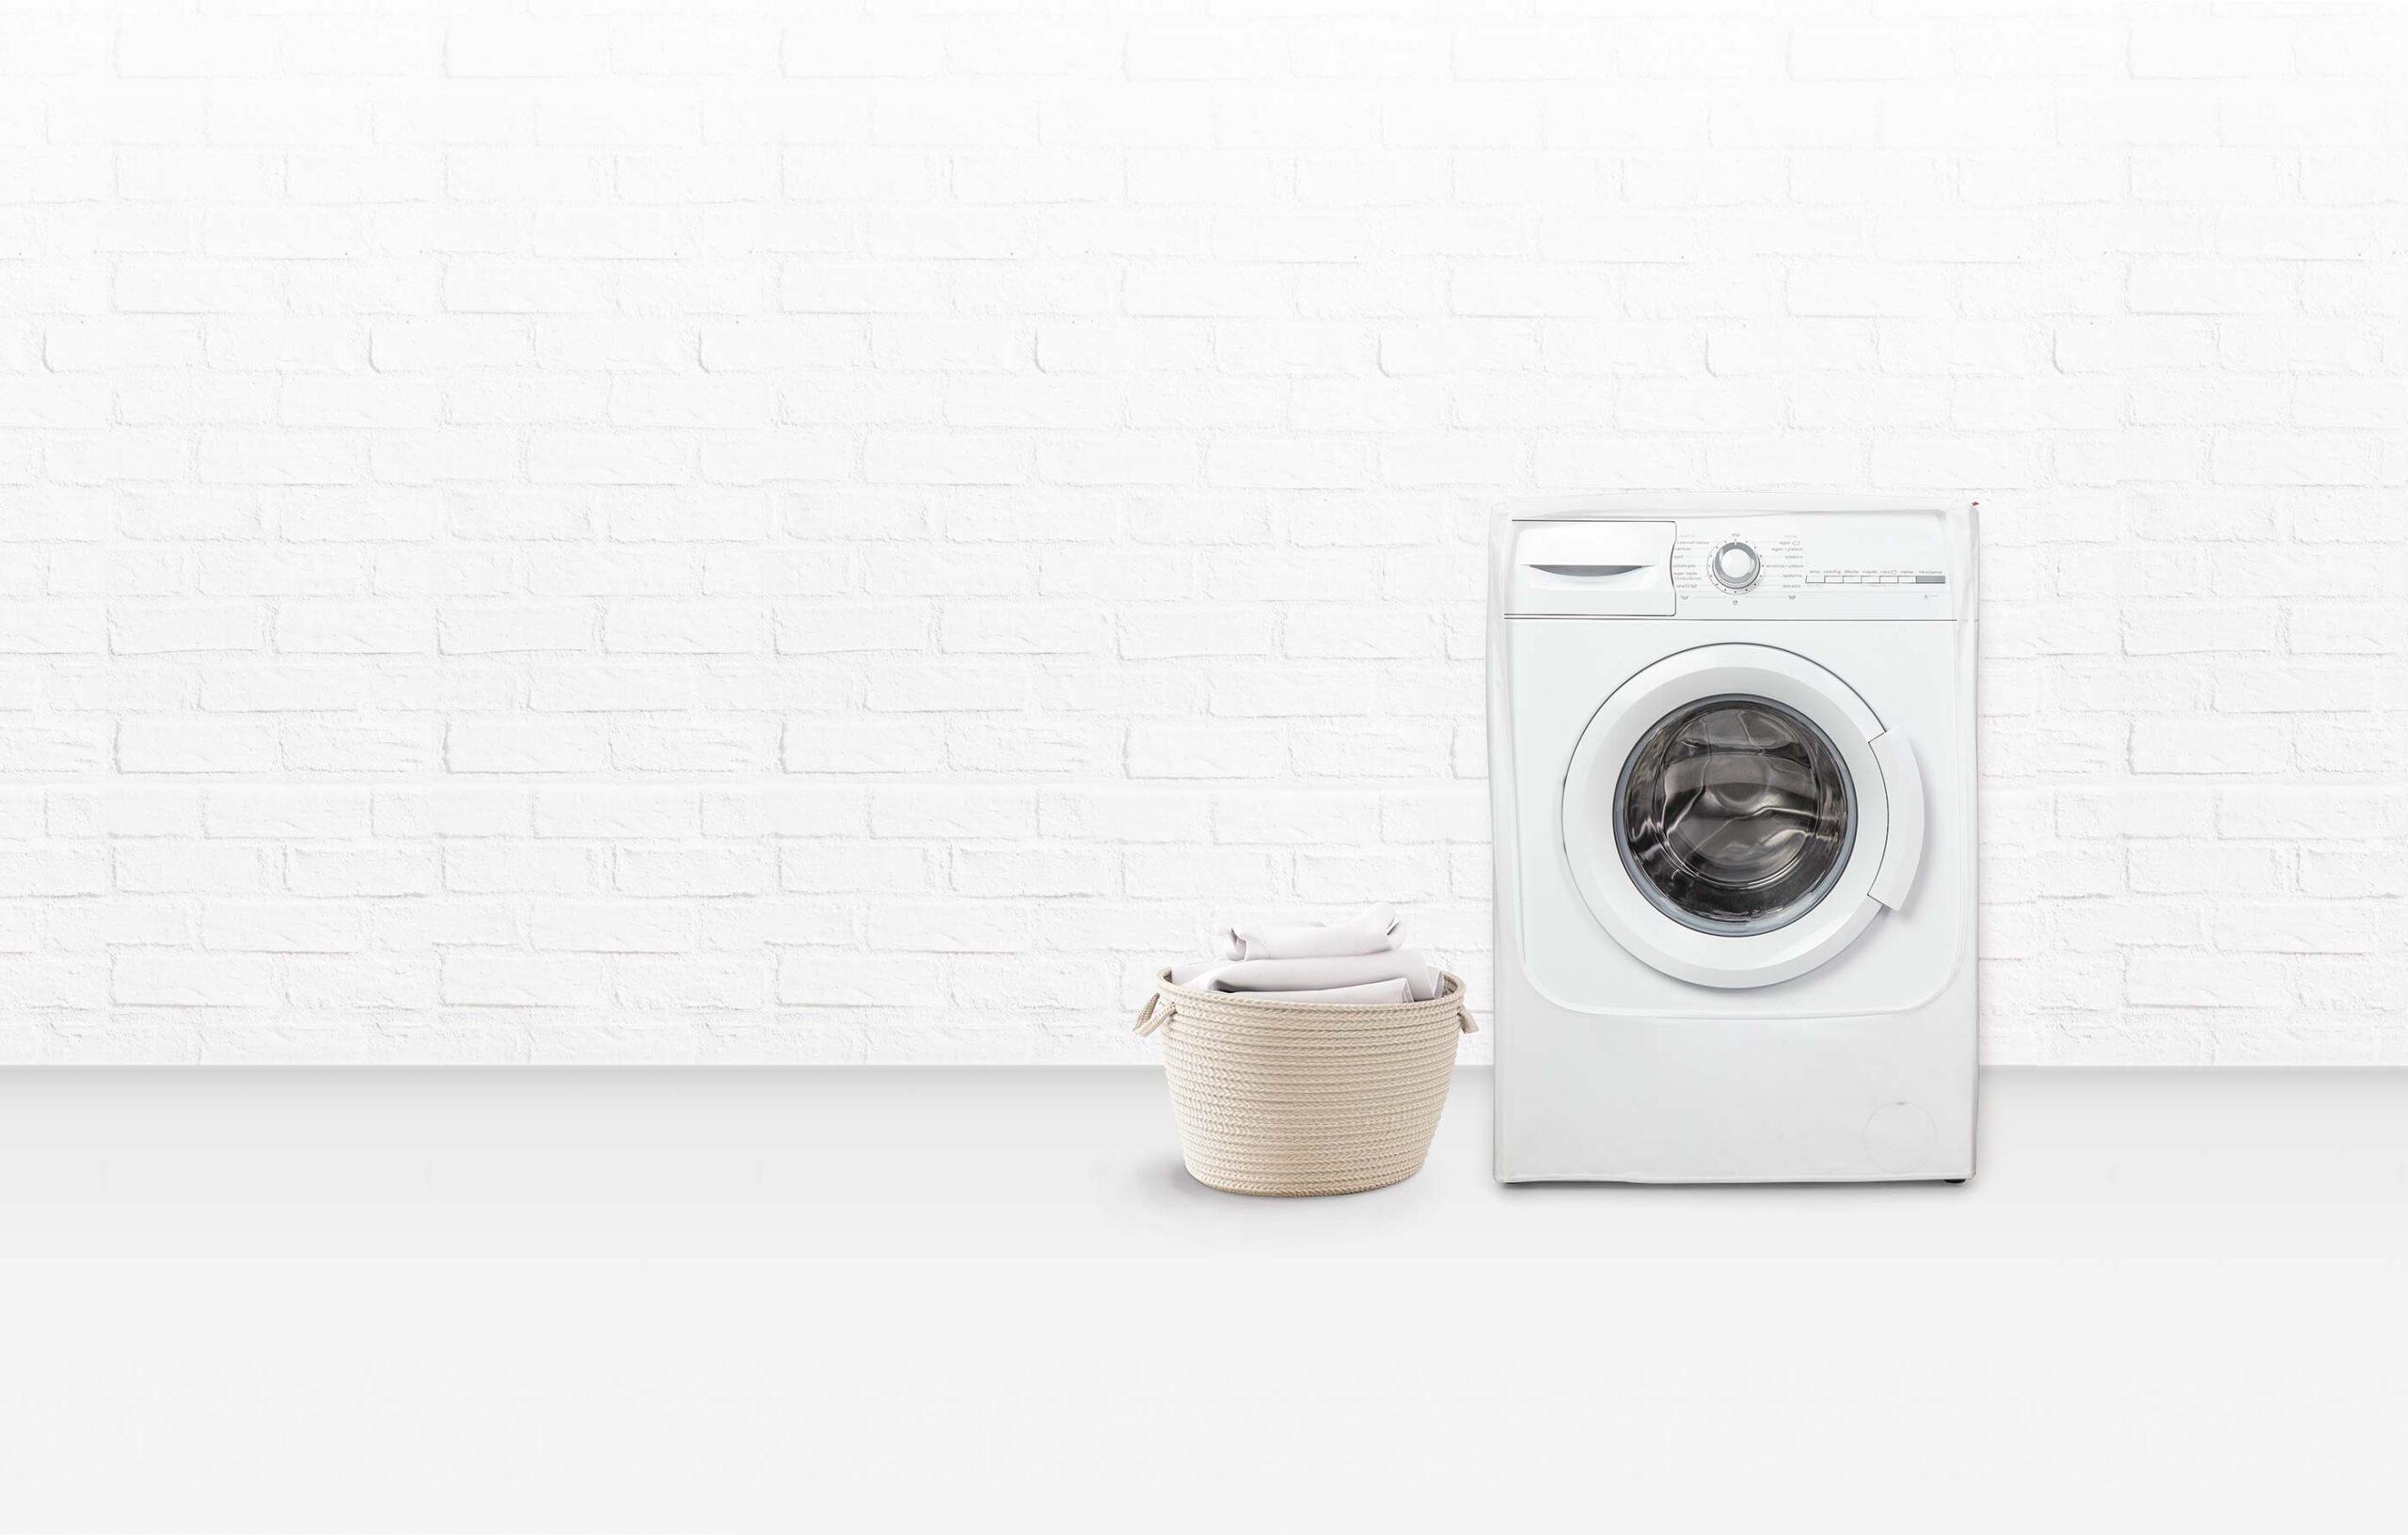 fundas-lavadora-1-scaled fundas-lavadora-1 | Rayen.com